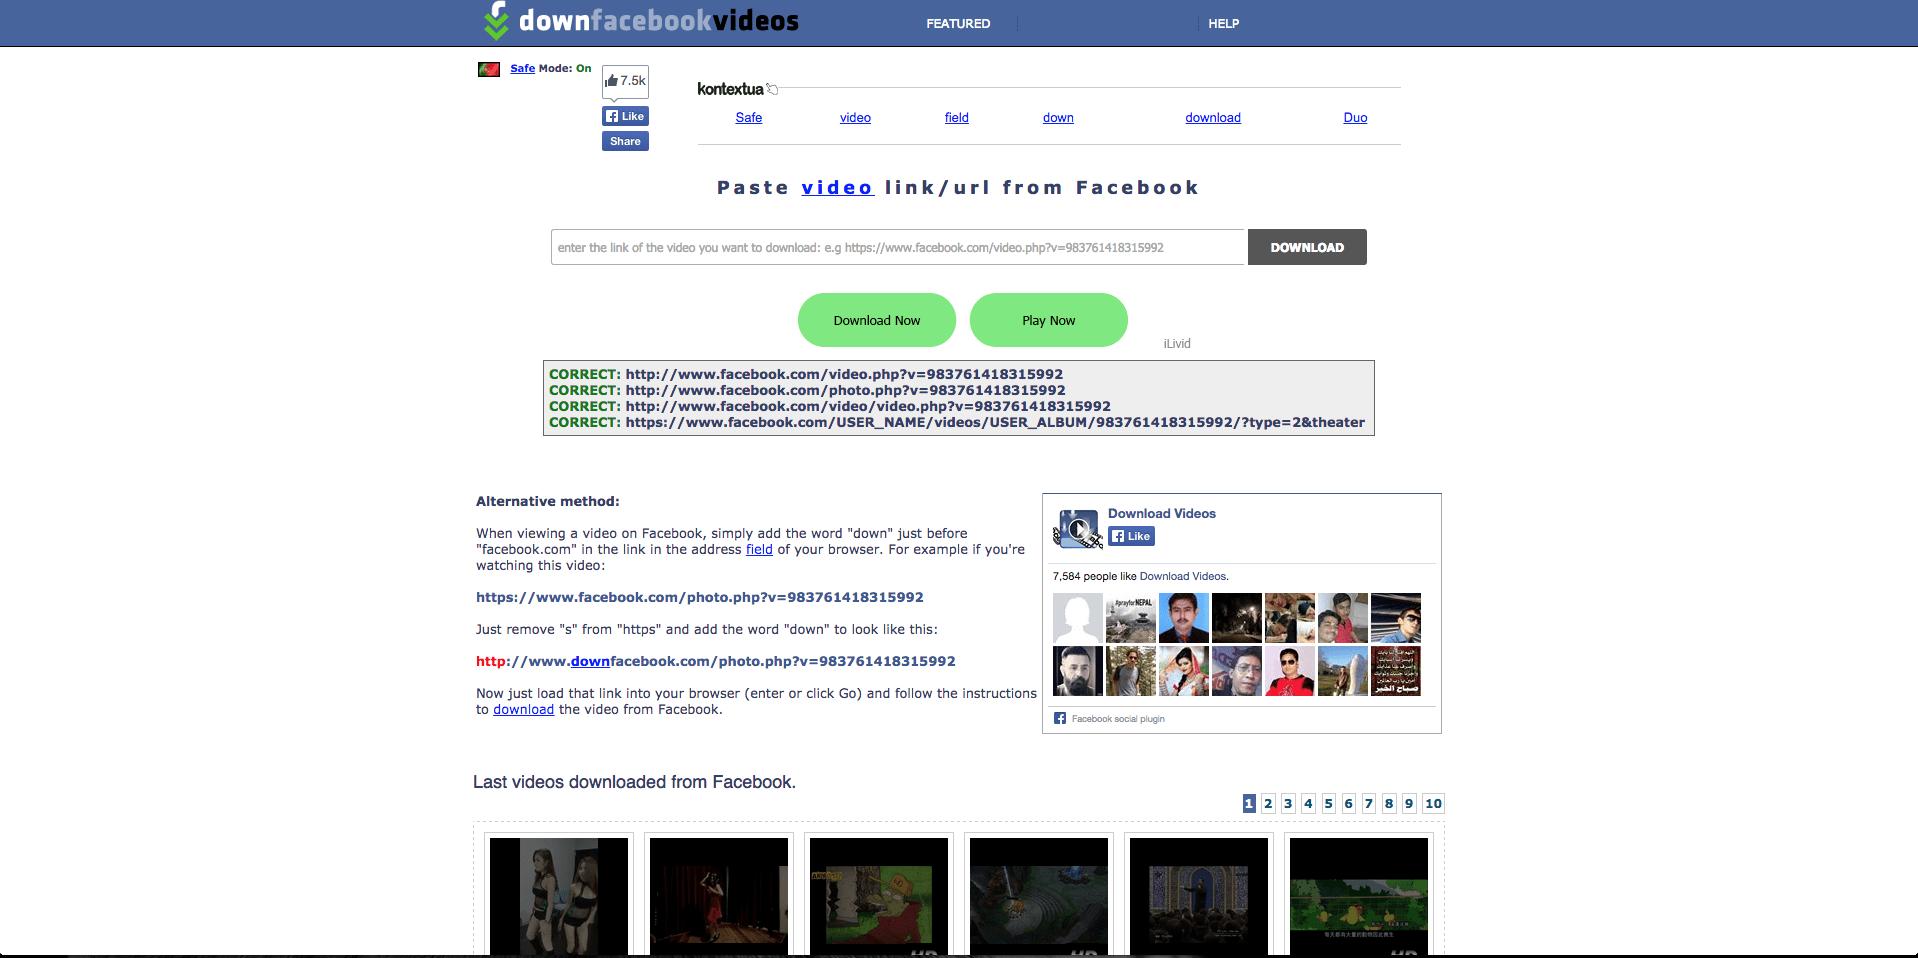 DownFacebook